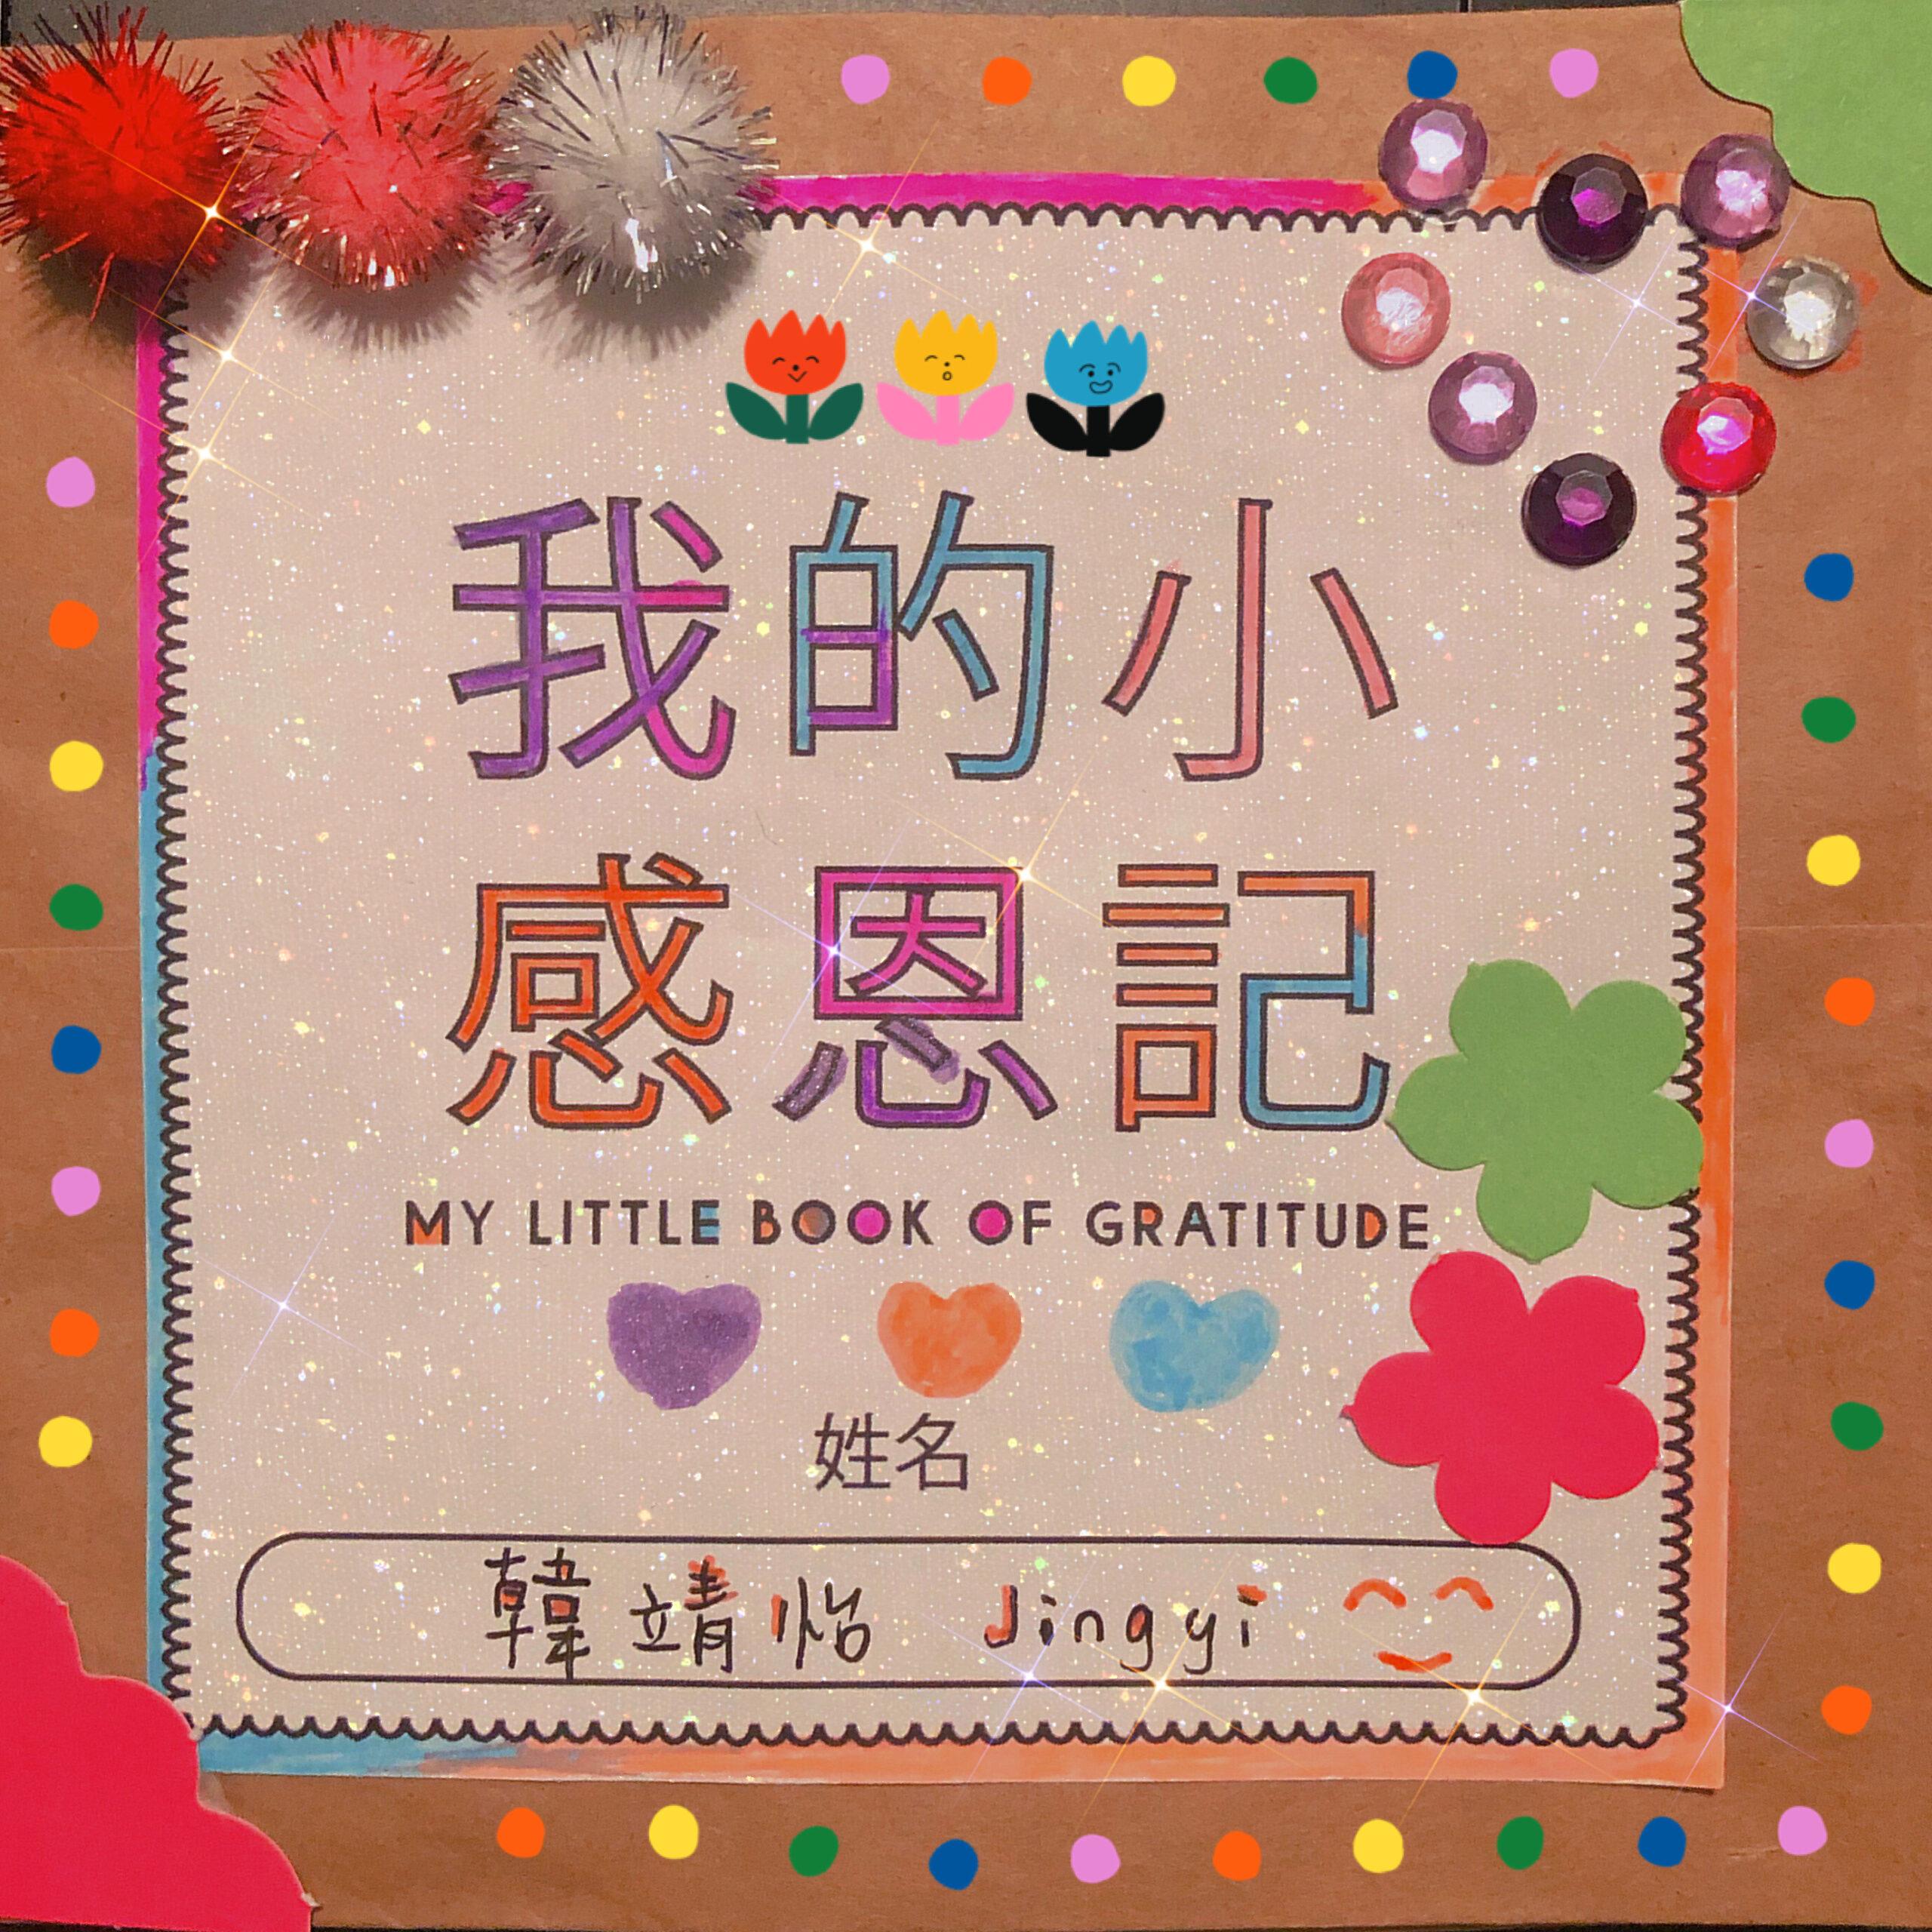 UniStar手工藝學中文的課,小朋友們做了可愛的感恩書📒、彩虹火雞爆米花🍿和火雞氣球🎈